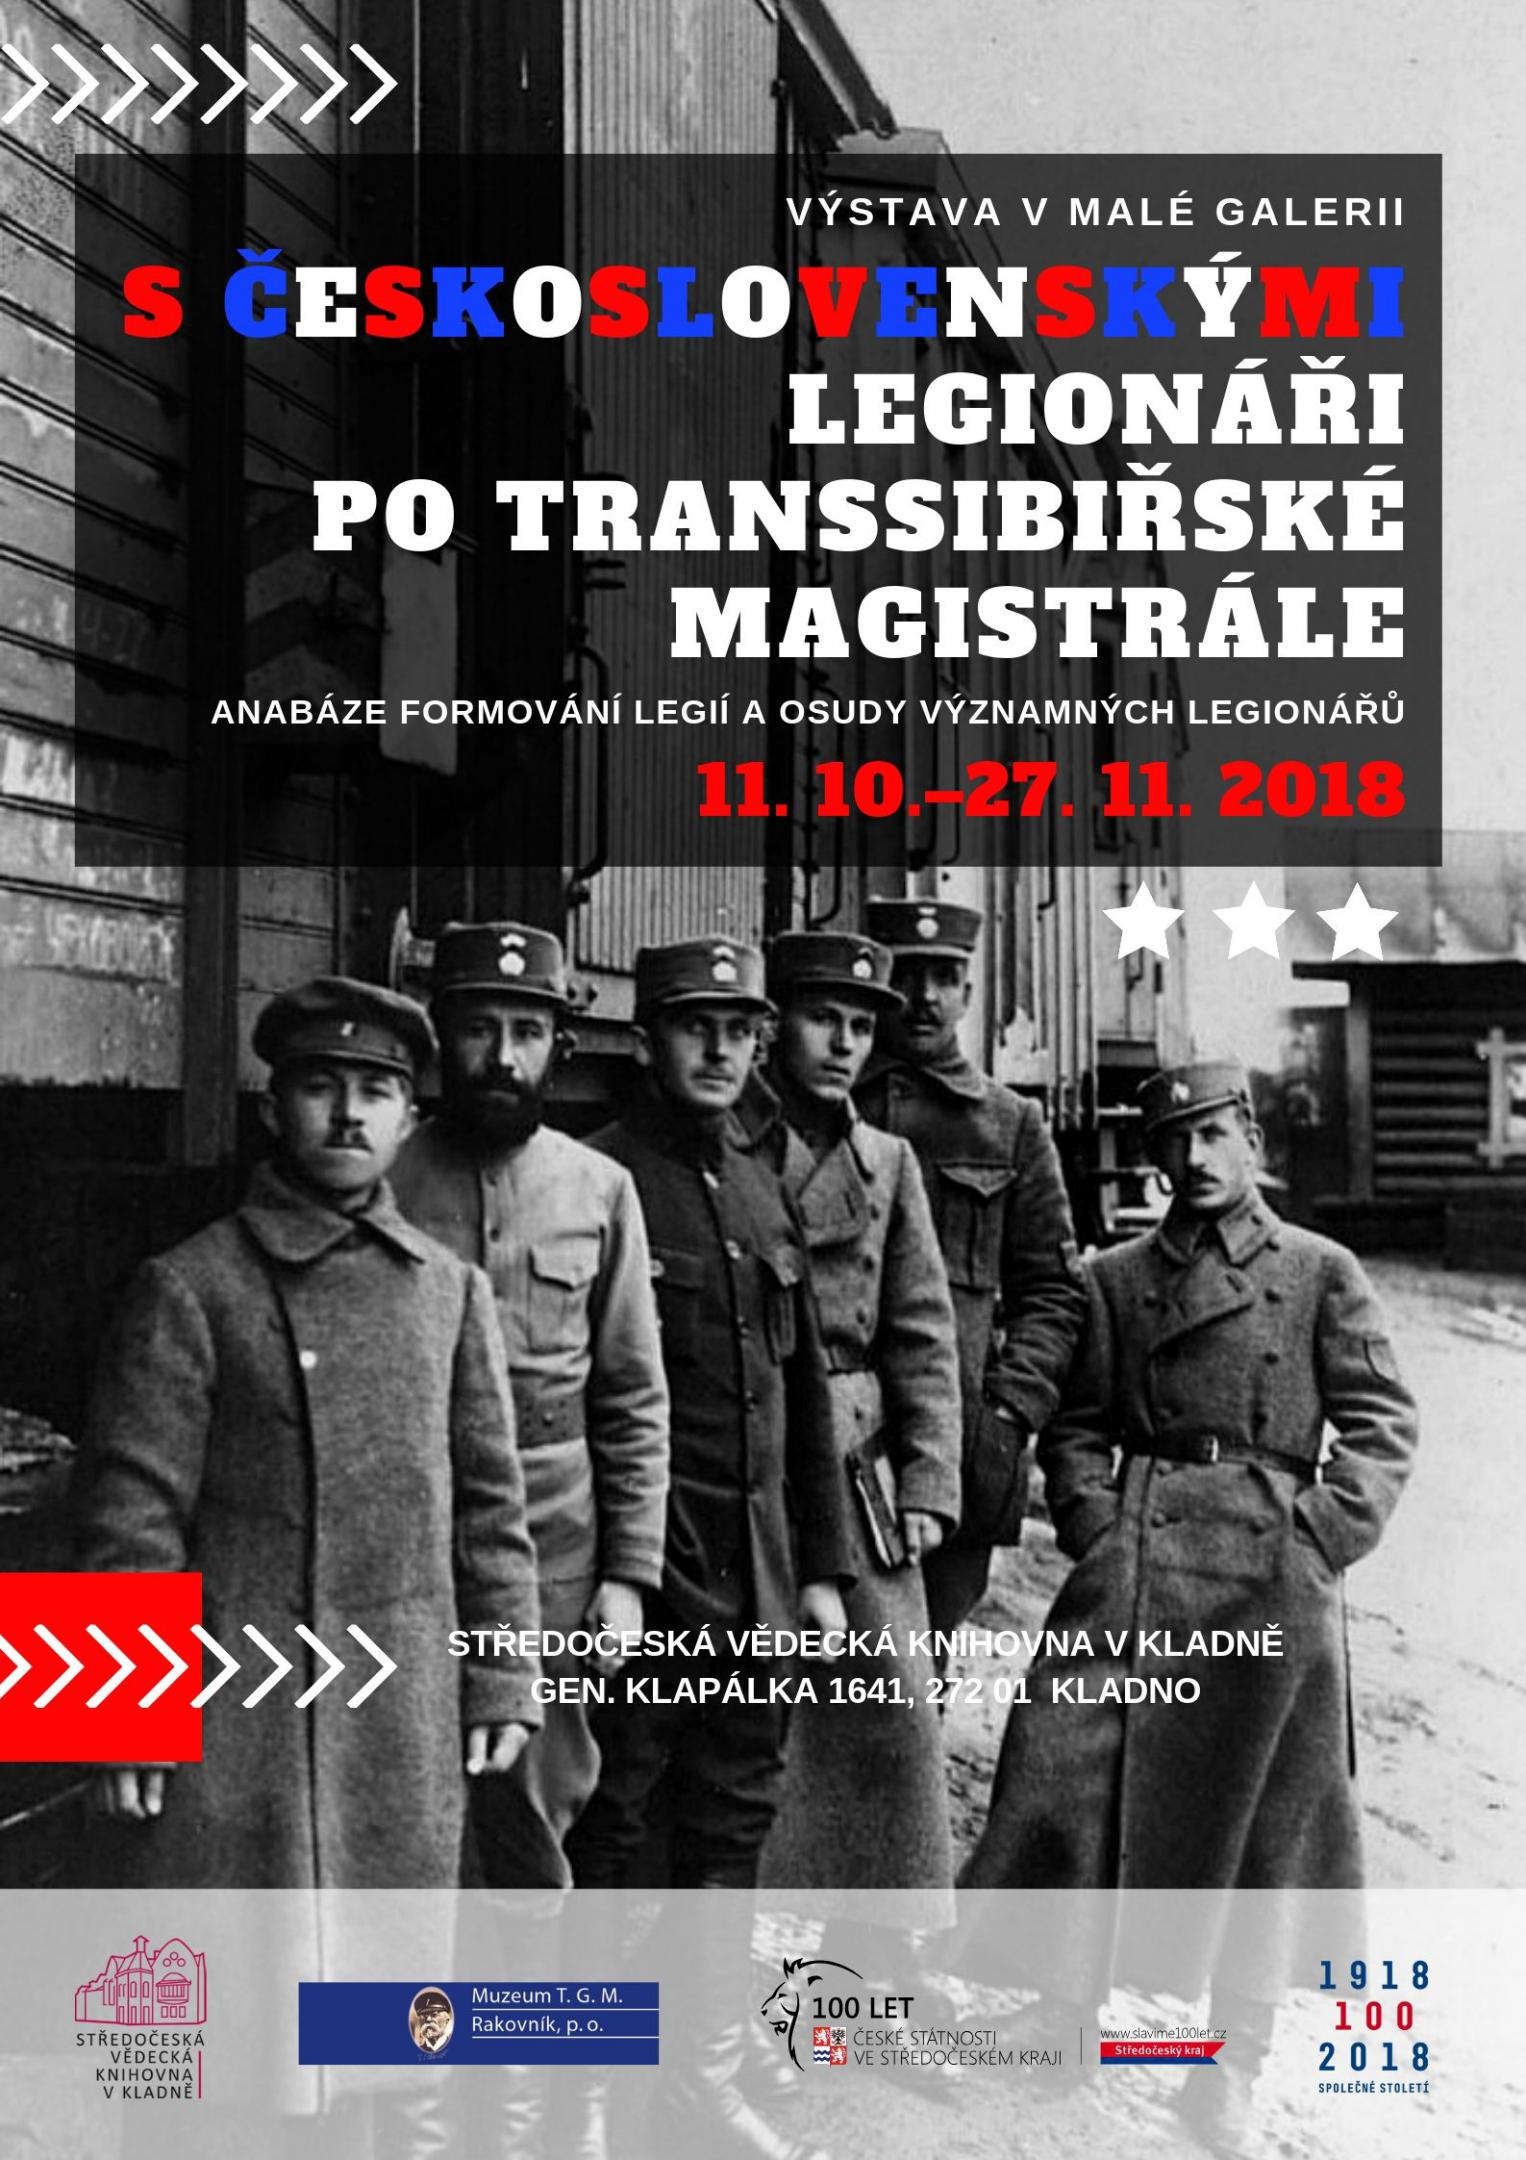 ac23b186e9 Fotogalerie S československými legionáři po Transsibiřské magistrále -  portrét